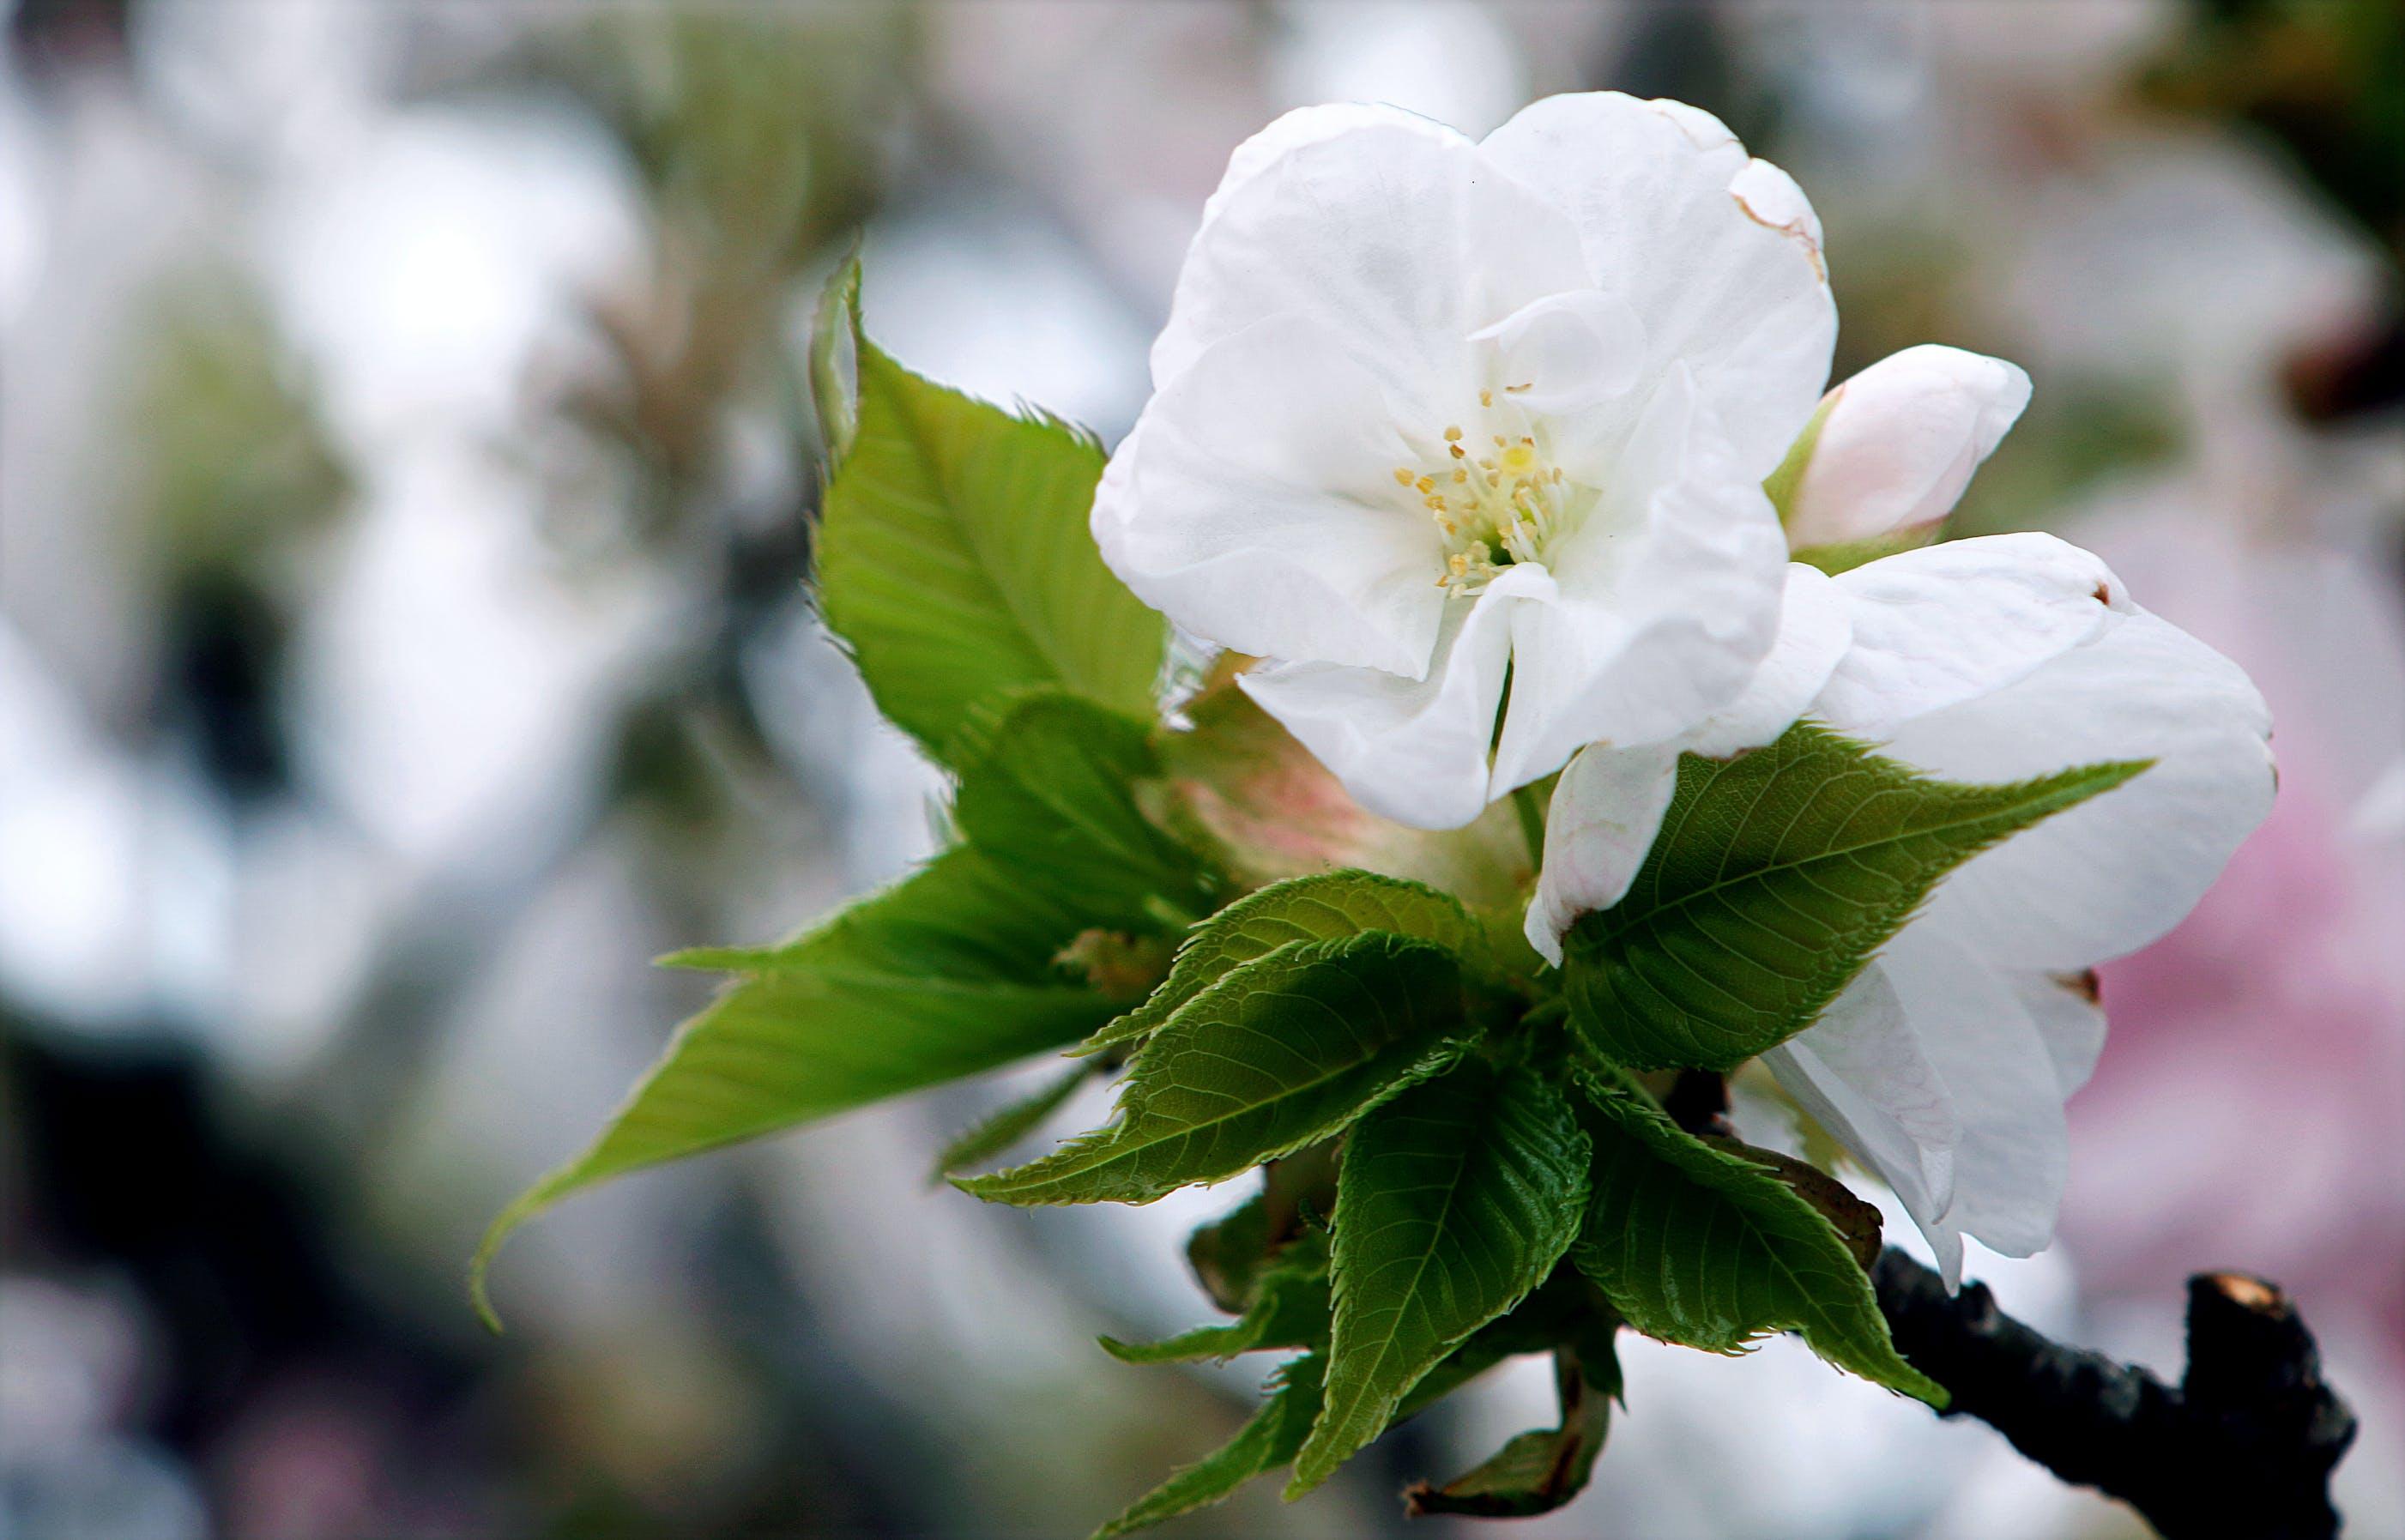 beyaz, bitki örtüsü, büyüme, çiçek içeren Ücretsiz stok fotoğraf